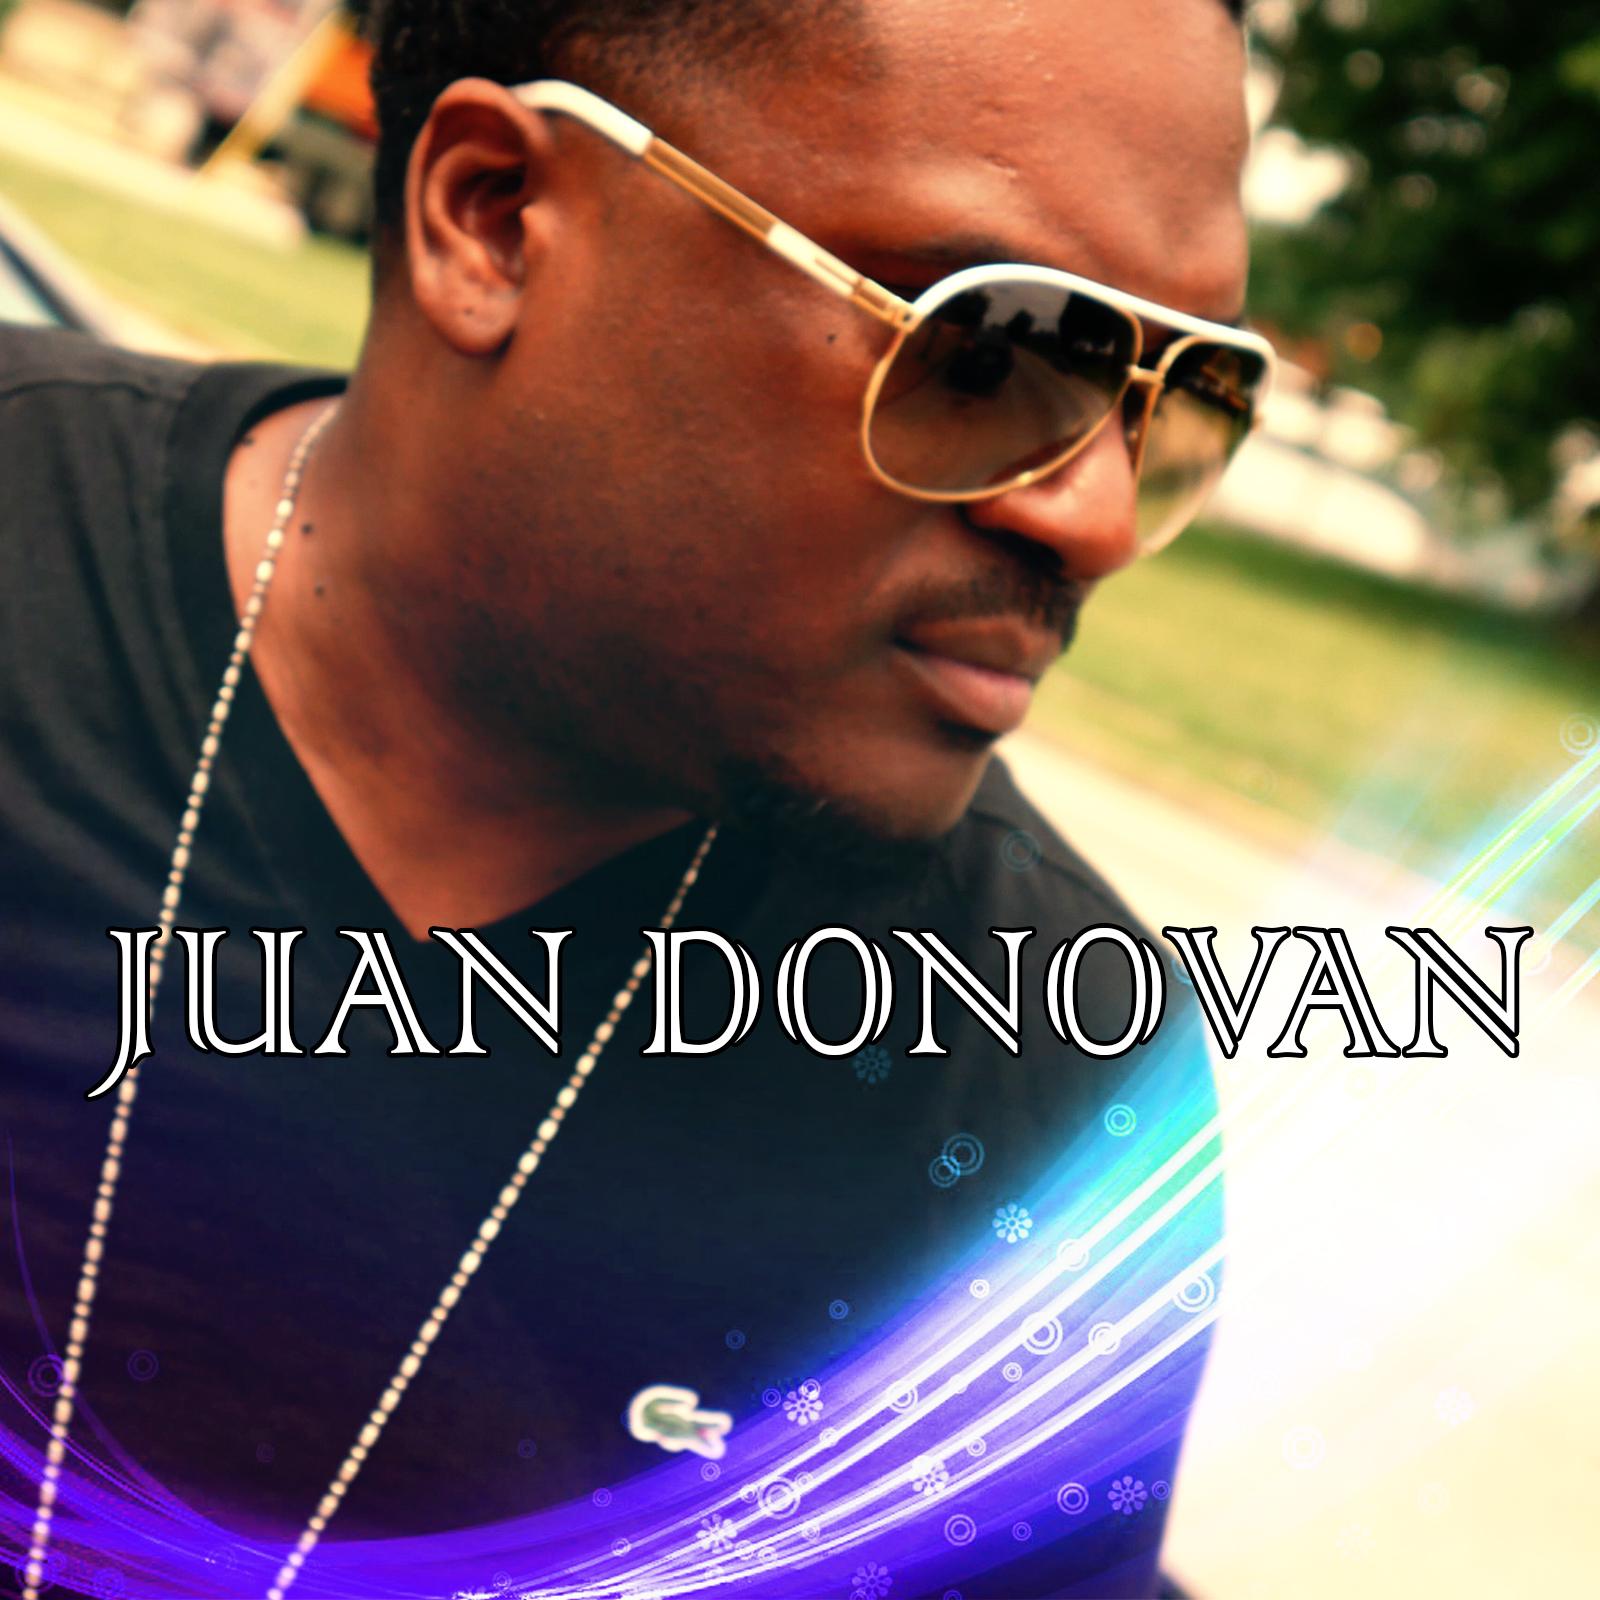 juan_donovan_promo_jawn